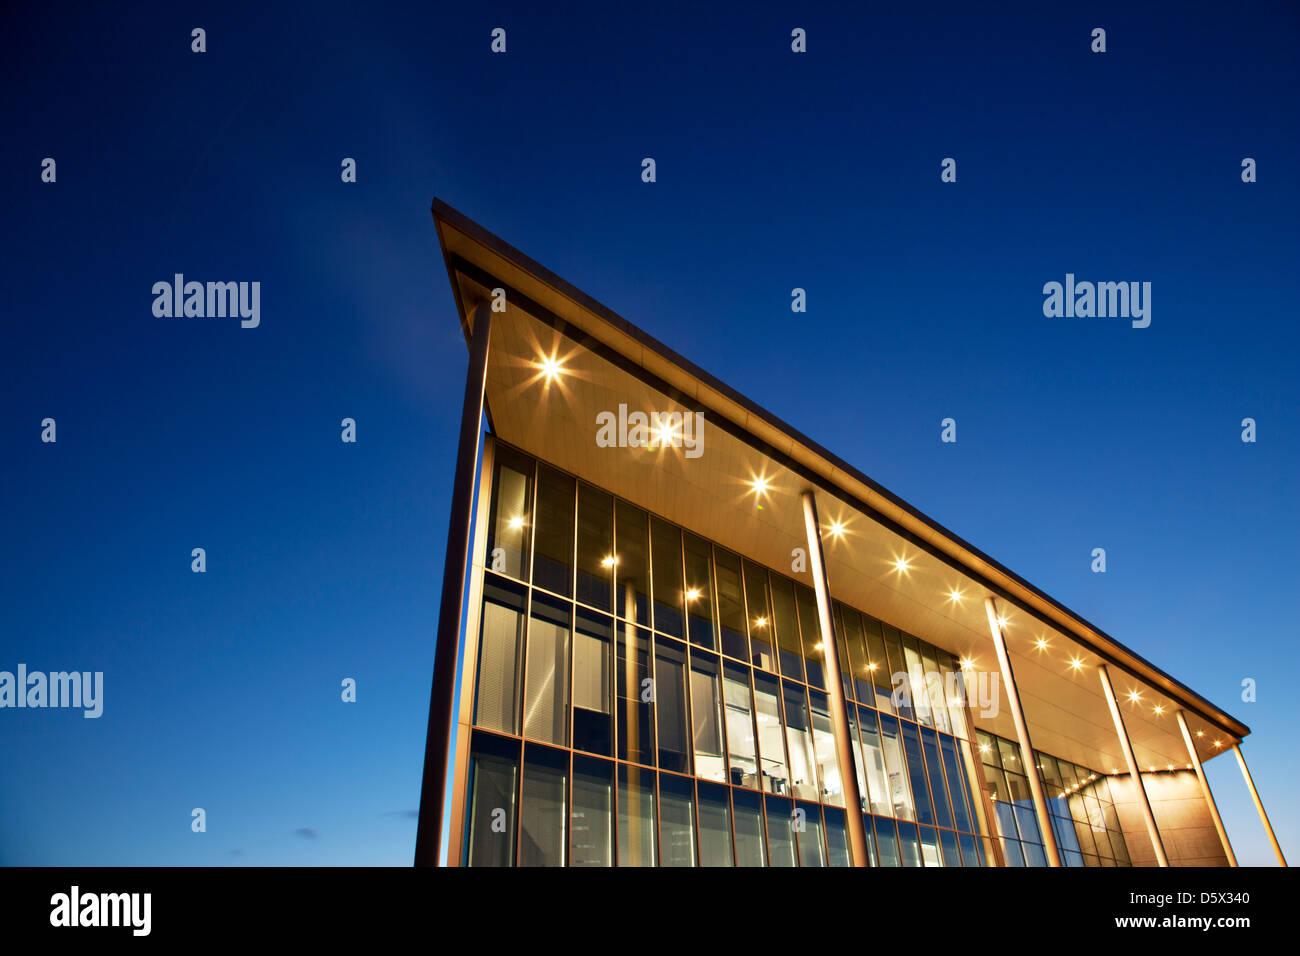 Bâtiment moderne éclairé au crépuscule Photo Stock